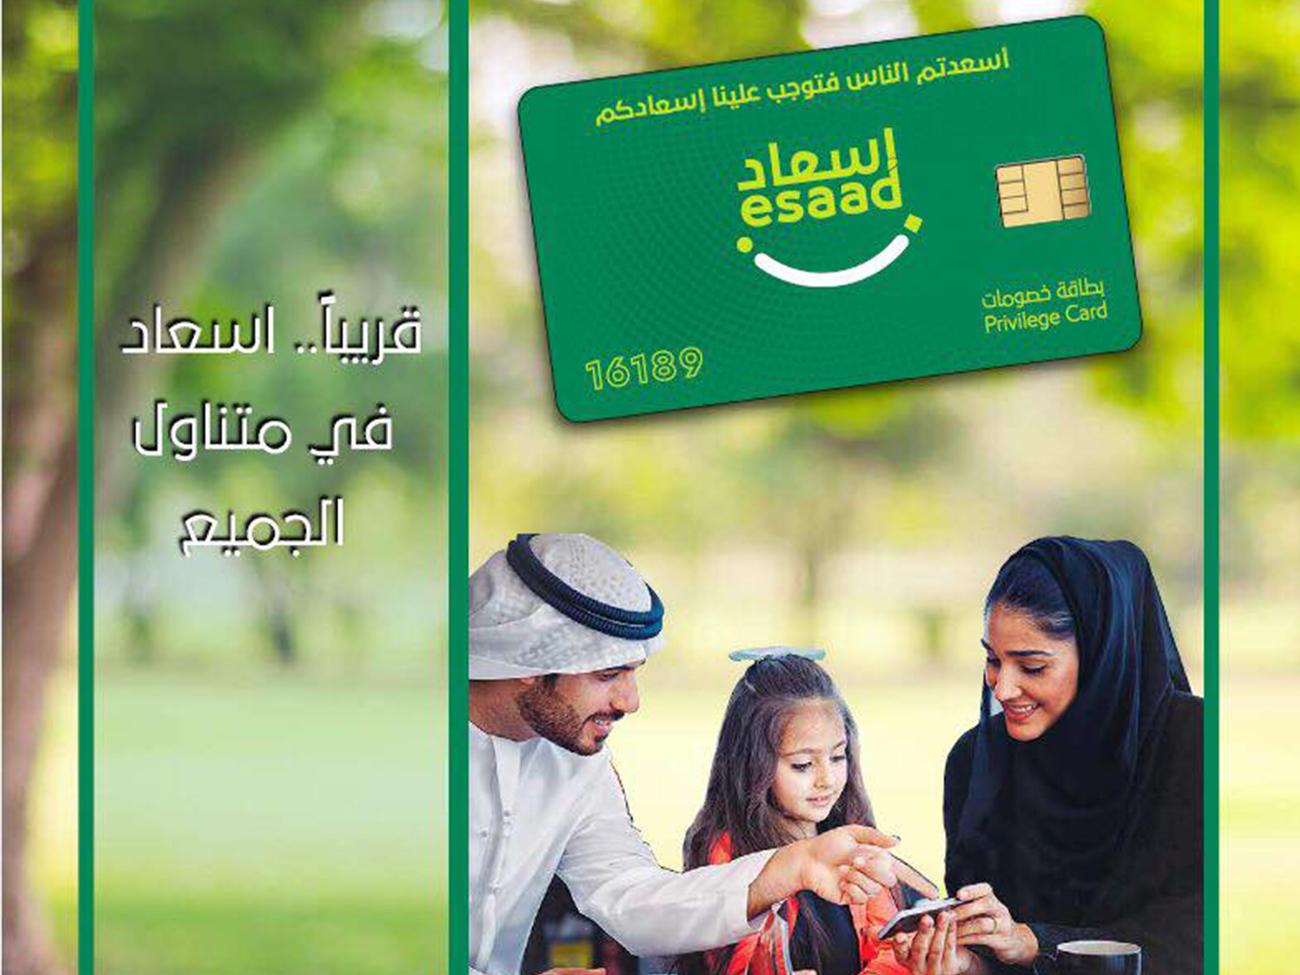 إسعاد شرطة دبي تطلق ميزة التسوق الإلكتروني عبر موقعها عبر